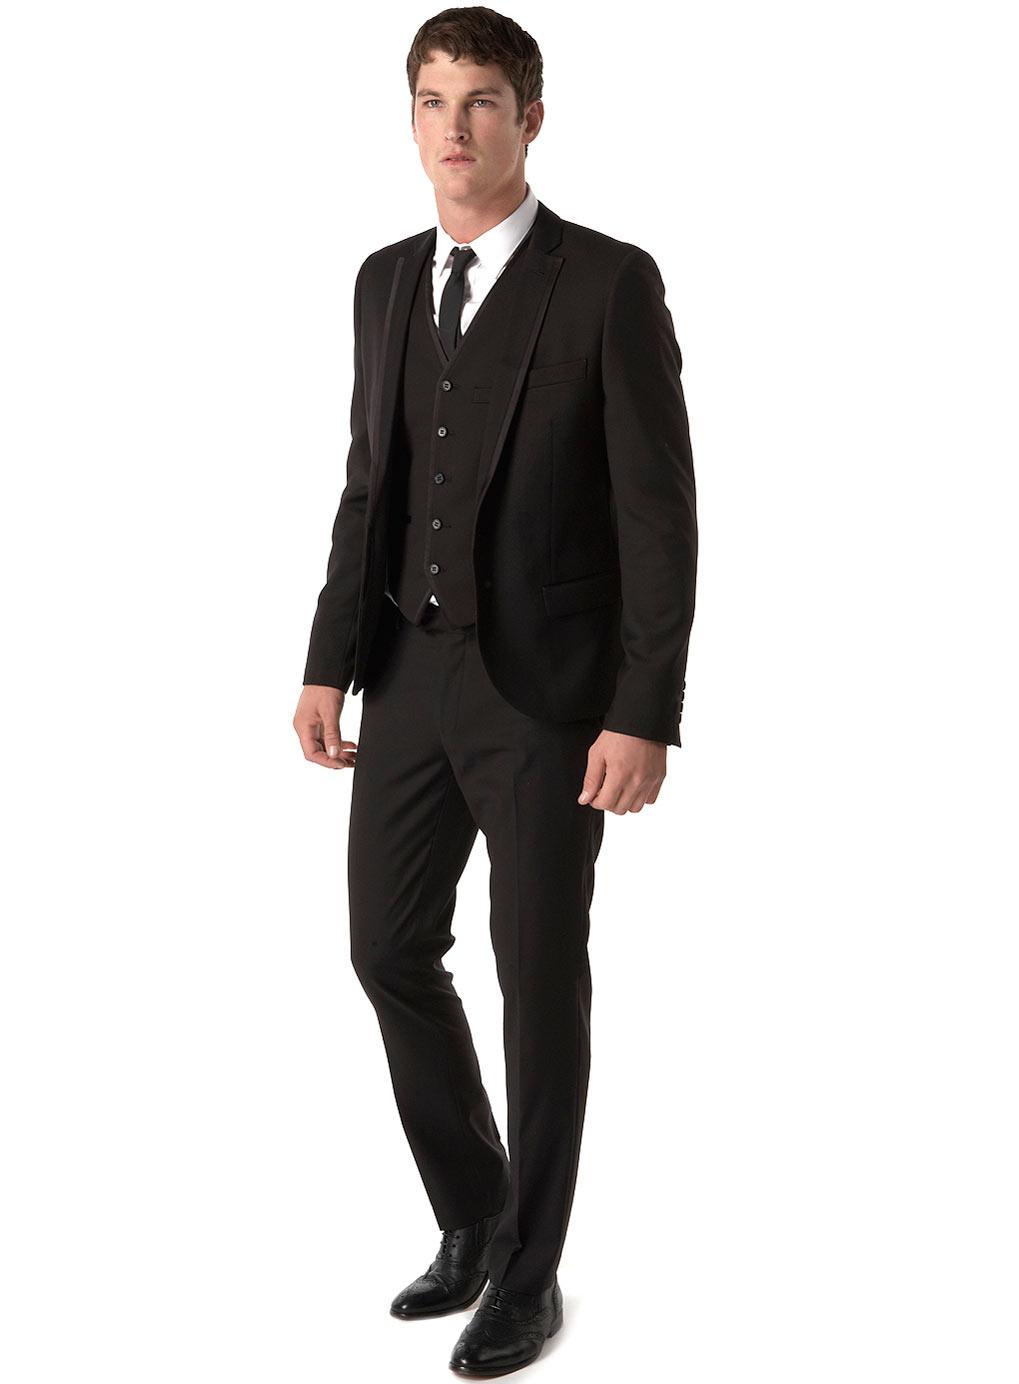 black suit white shirt black tie photo - 1